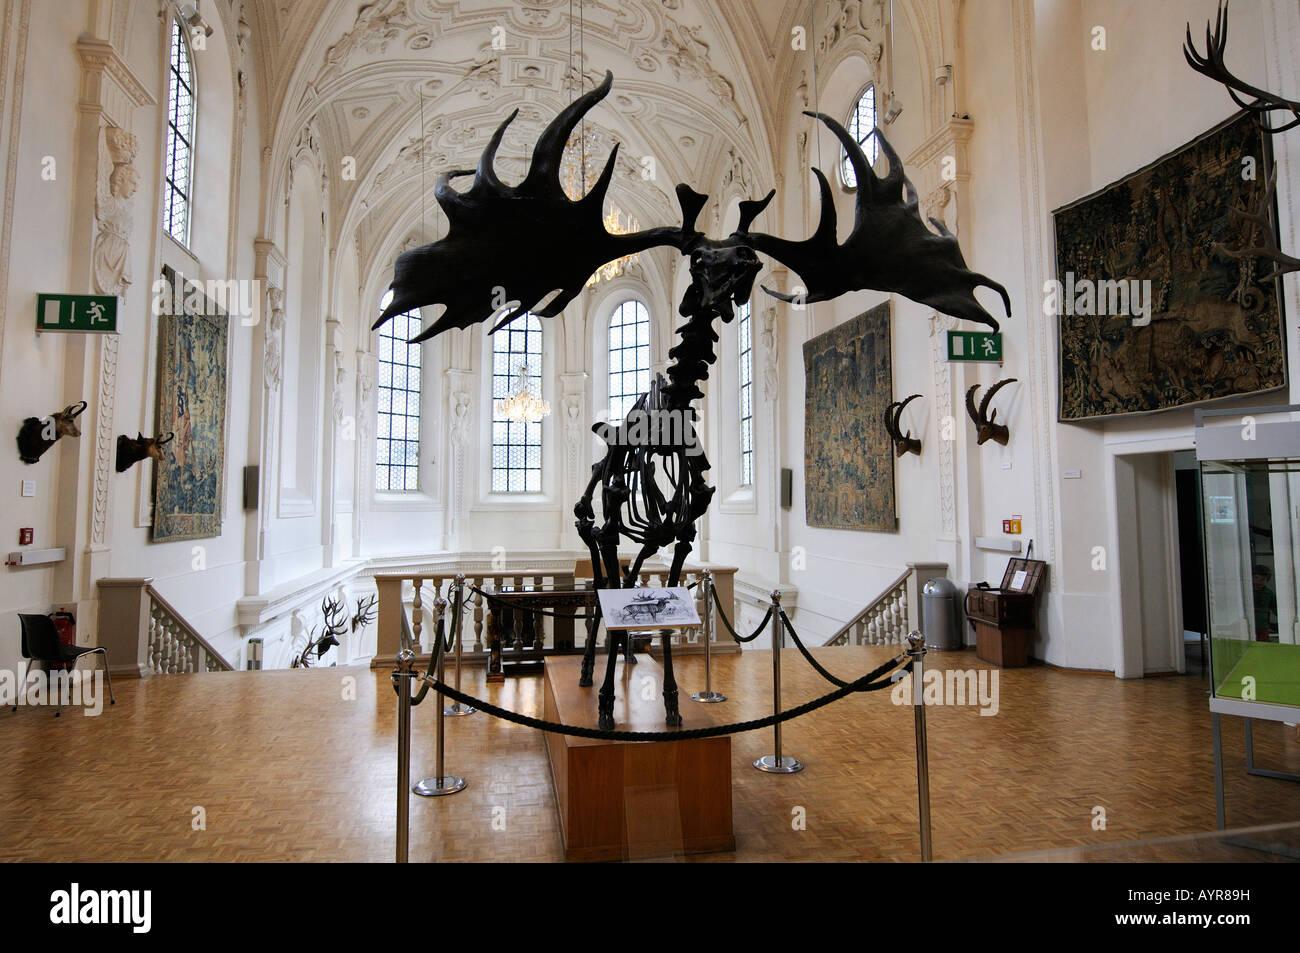 Megaloceros skeleton, Deutsches Jagd- und Fischereimuseum (German Hunting and Fishing Museum), Munich, Bavaria, - Stock Image